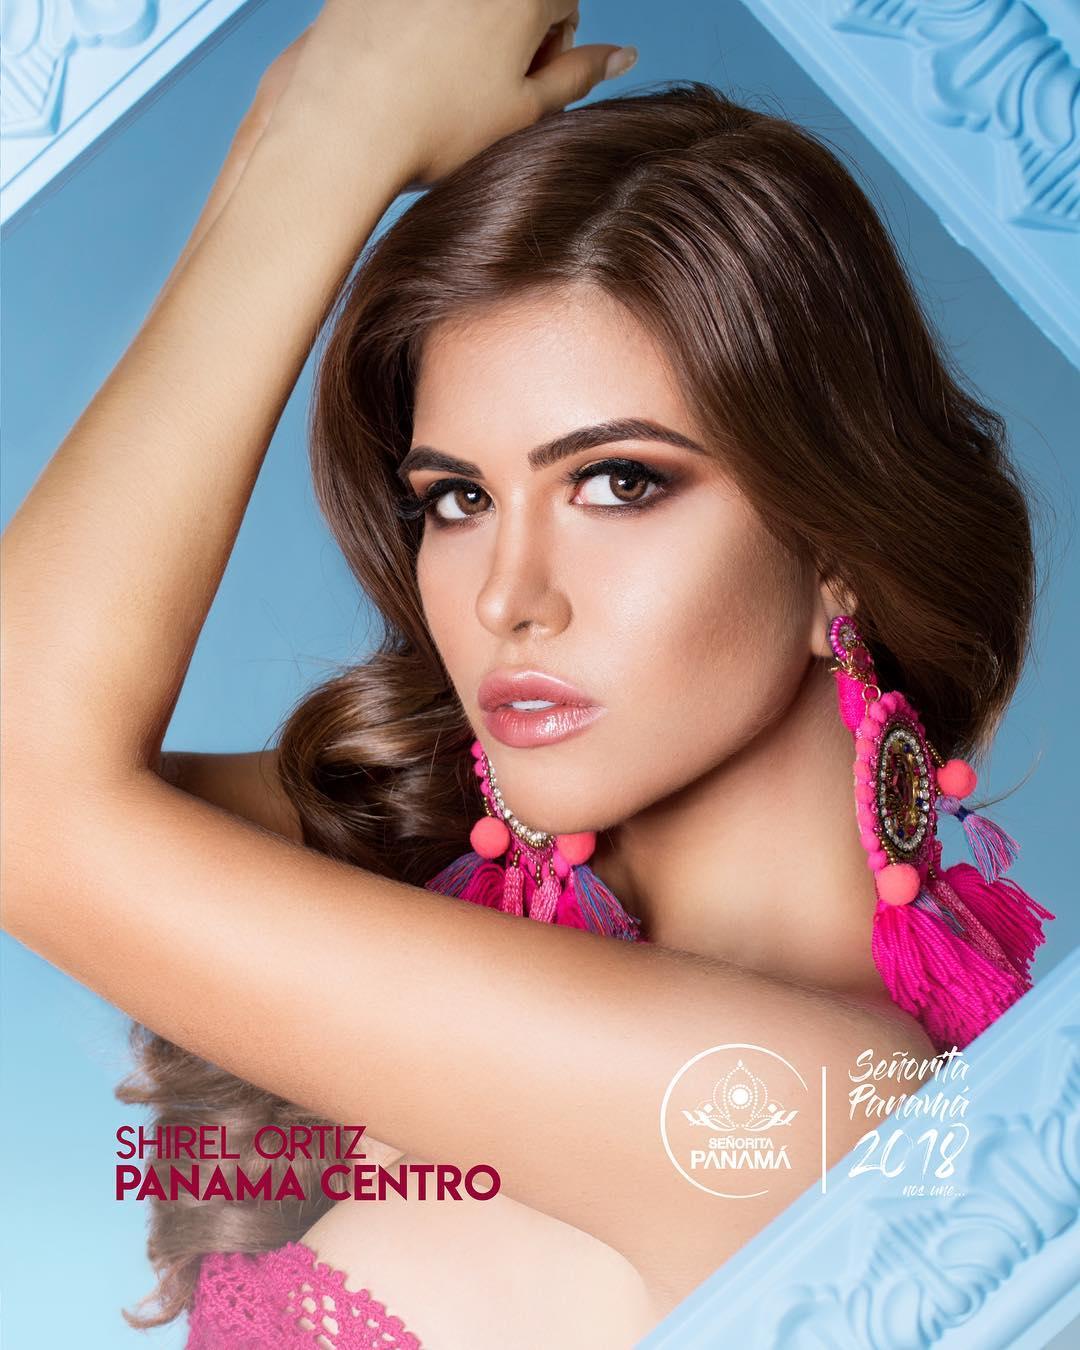 señorita miss colombia 2018 candidates candidatas contestants delegates Miss Panamá Centro Shirel Ortíz